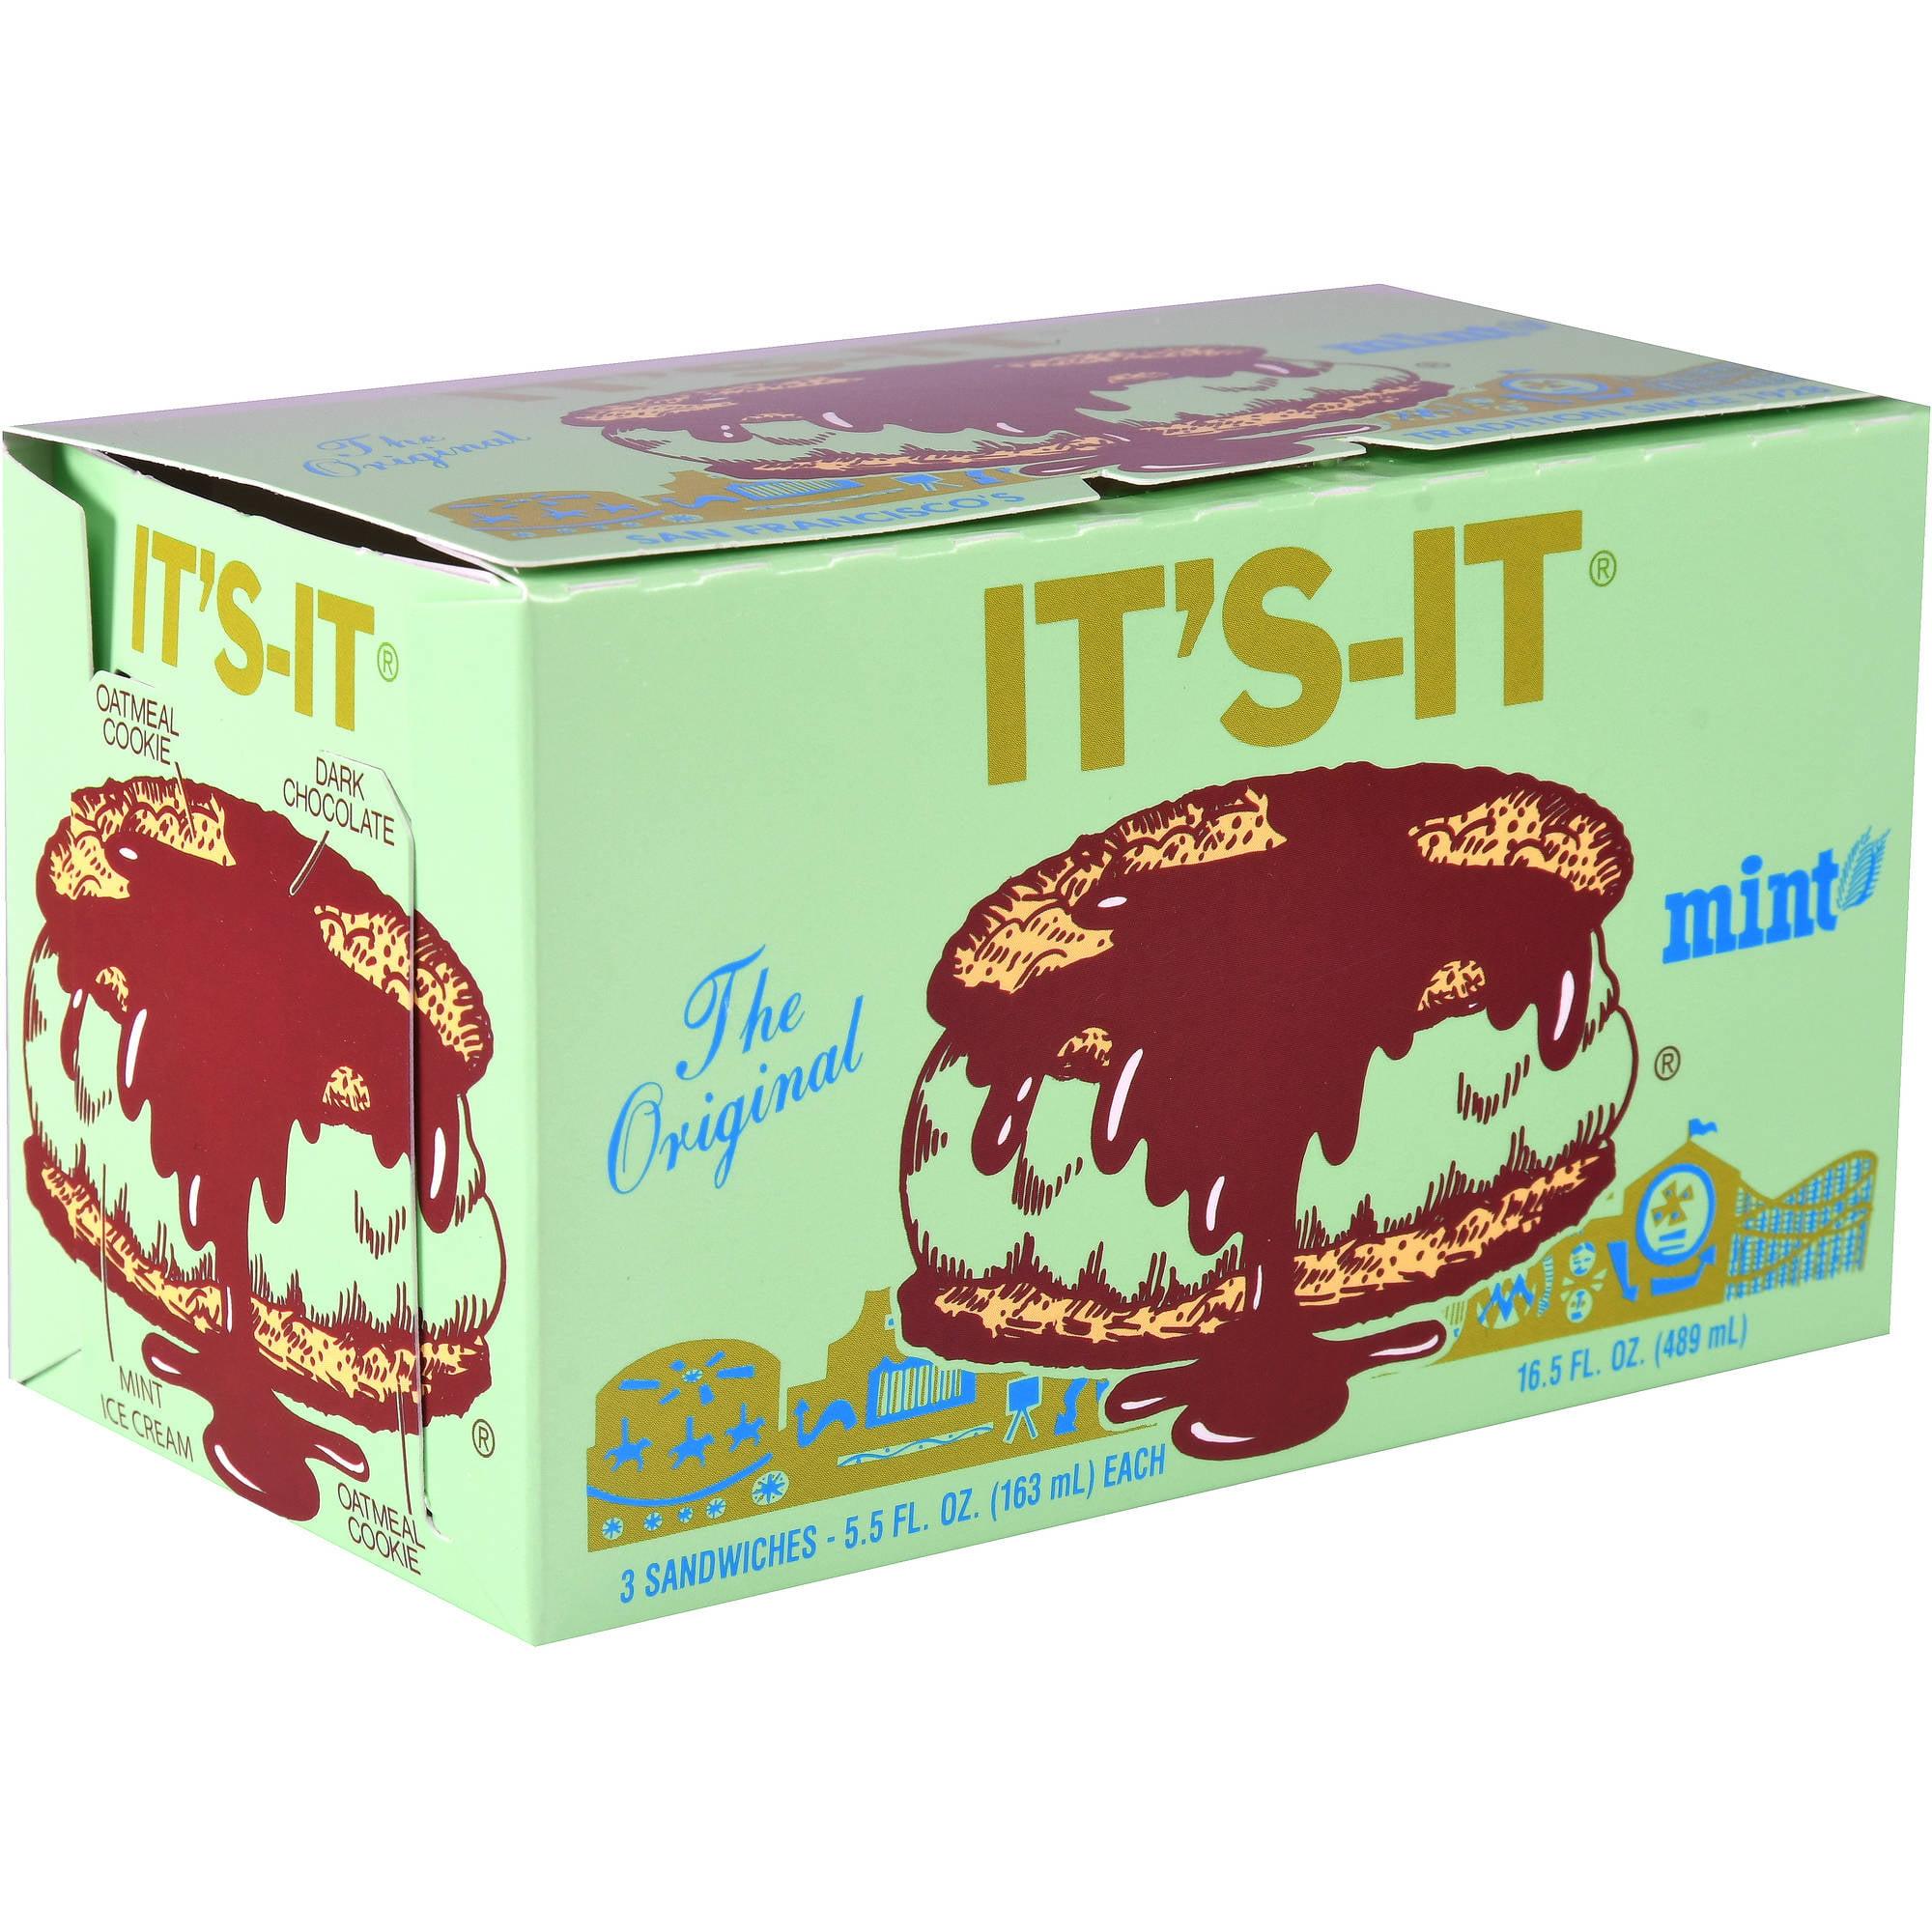 It's-It Mint, 3 sandwiches